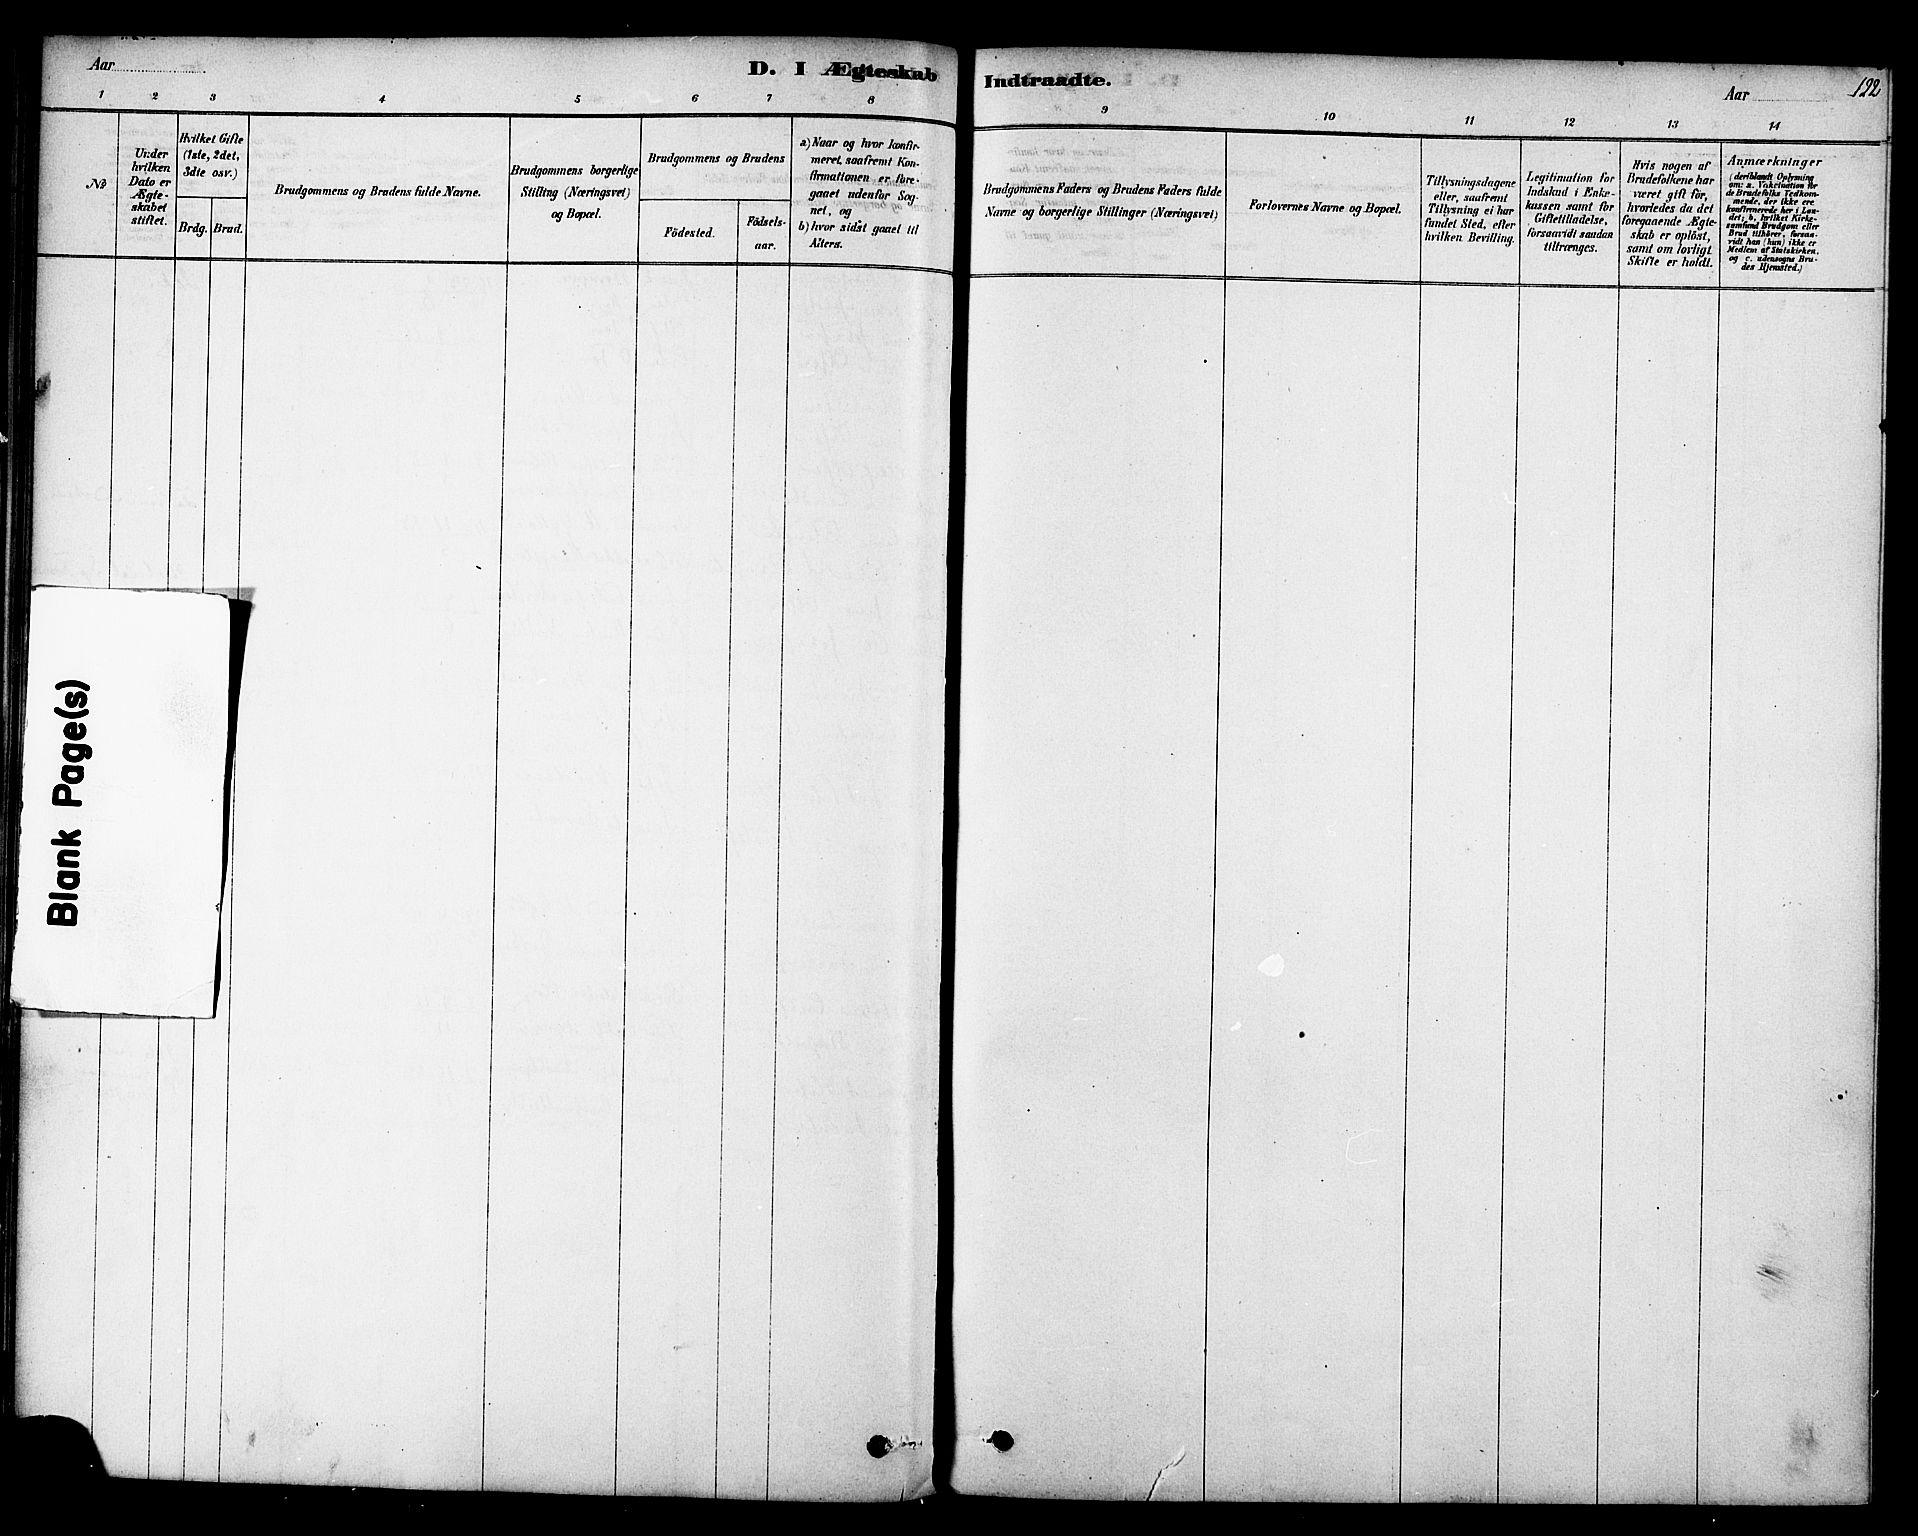 SAT, Ministerialprotokoller, klokkerbøker og fødselsregistre - Sør-Trøndelag, 692/L1105: Ministerialbok nr. 692A05, 1878-1890, s. 122